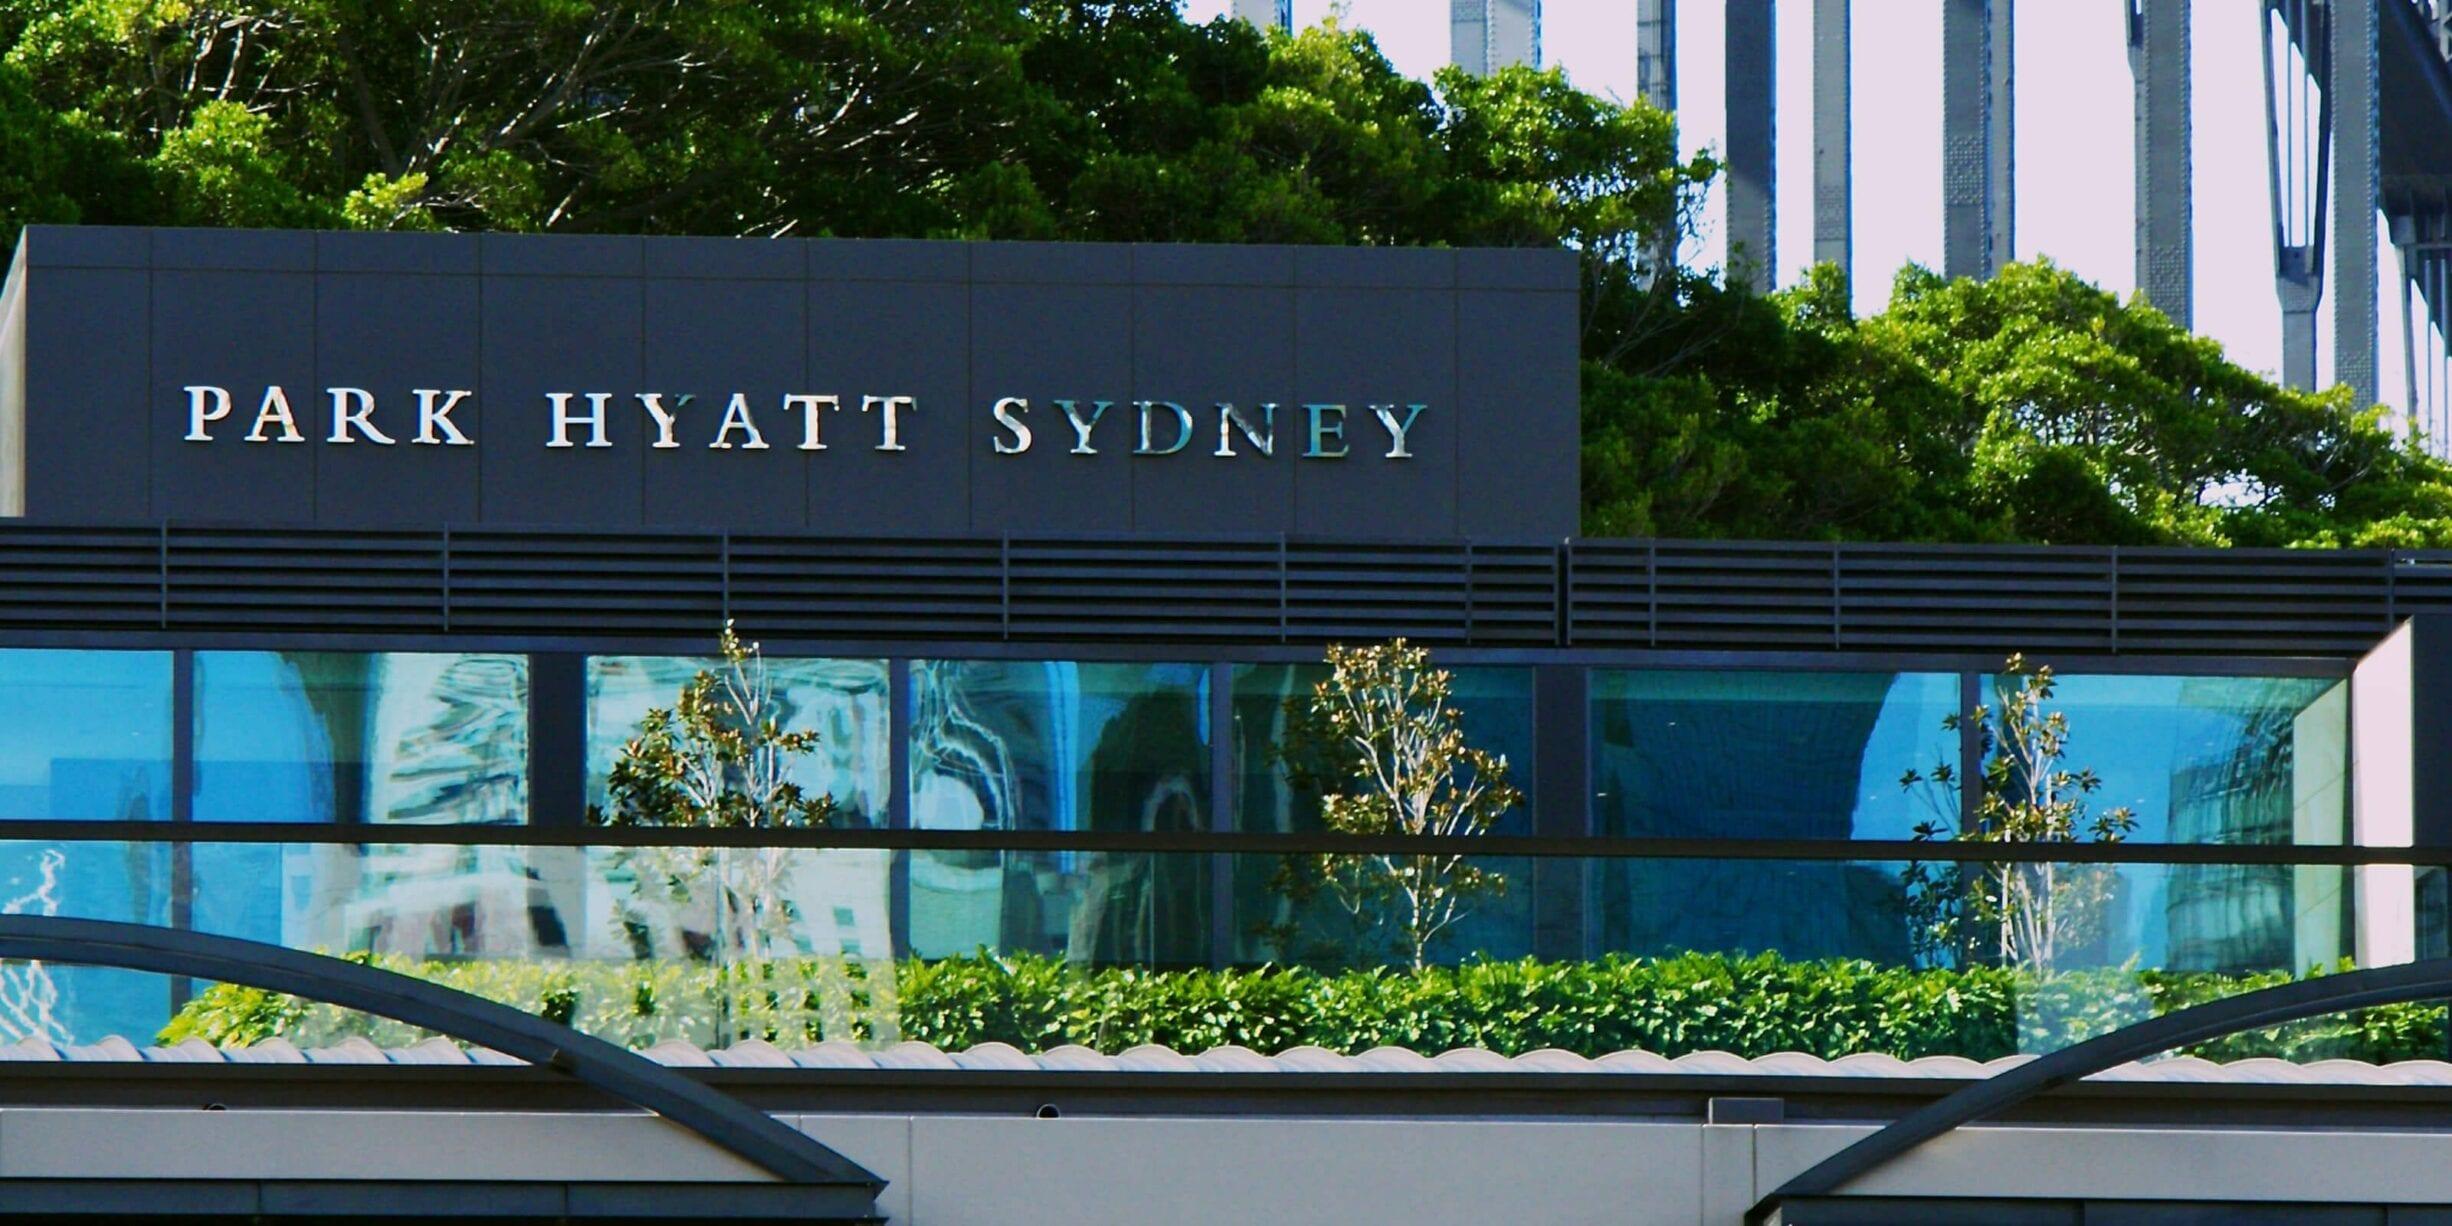 park hyatt sydney lobby exterior